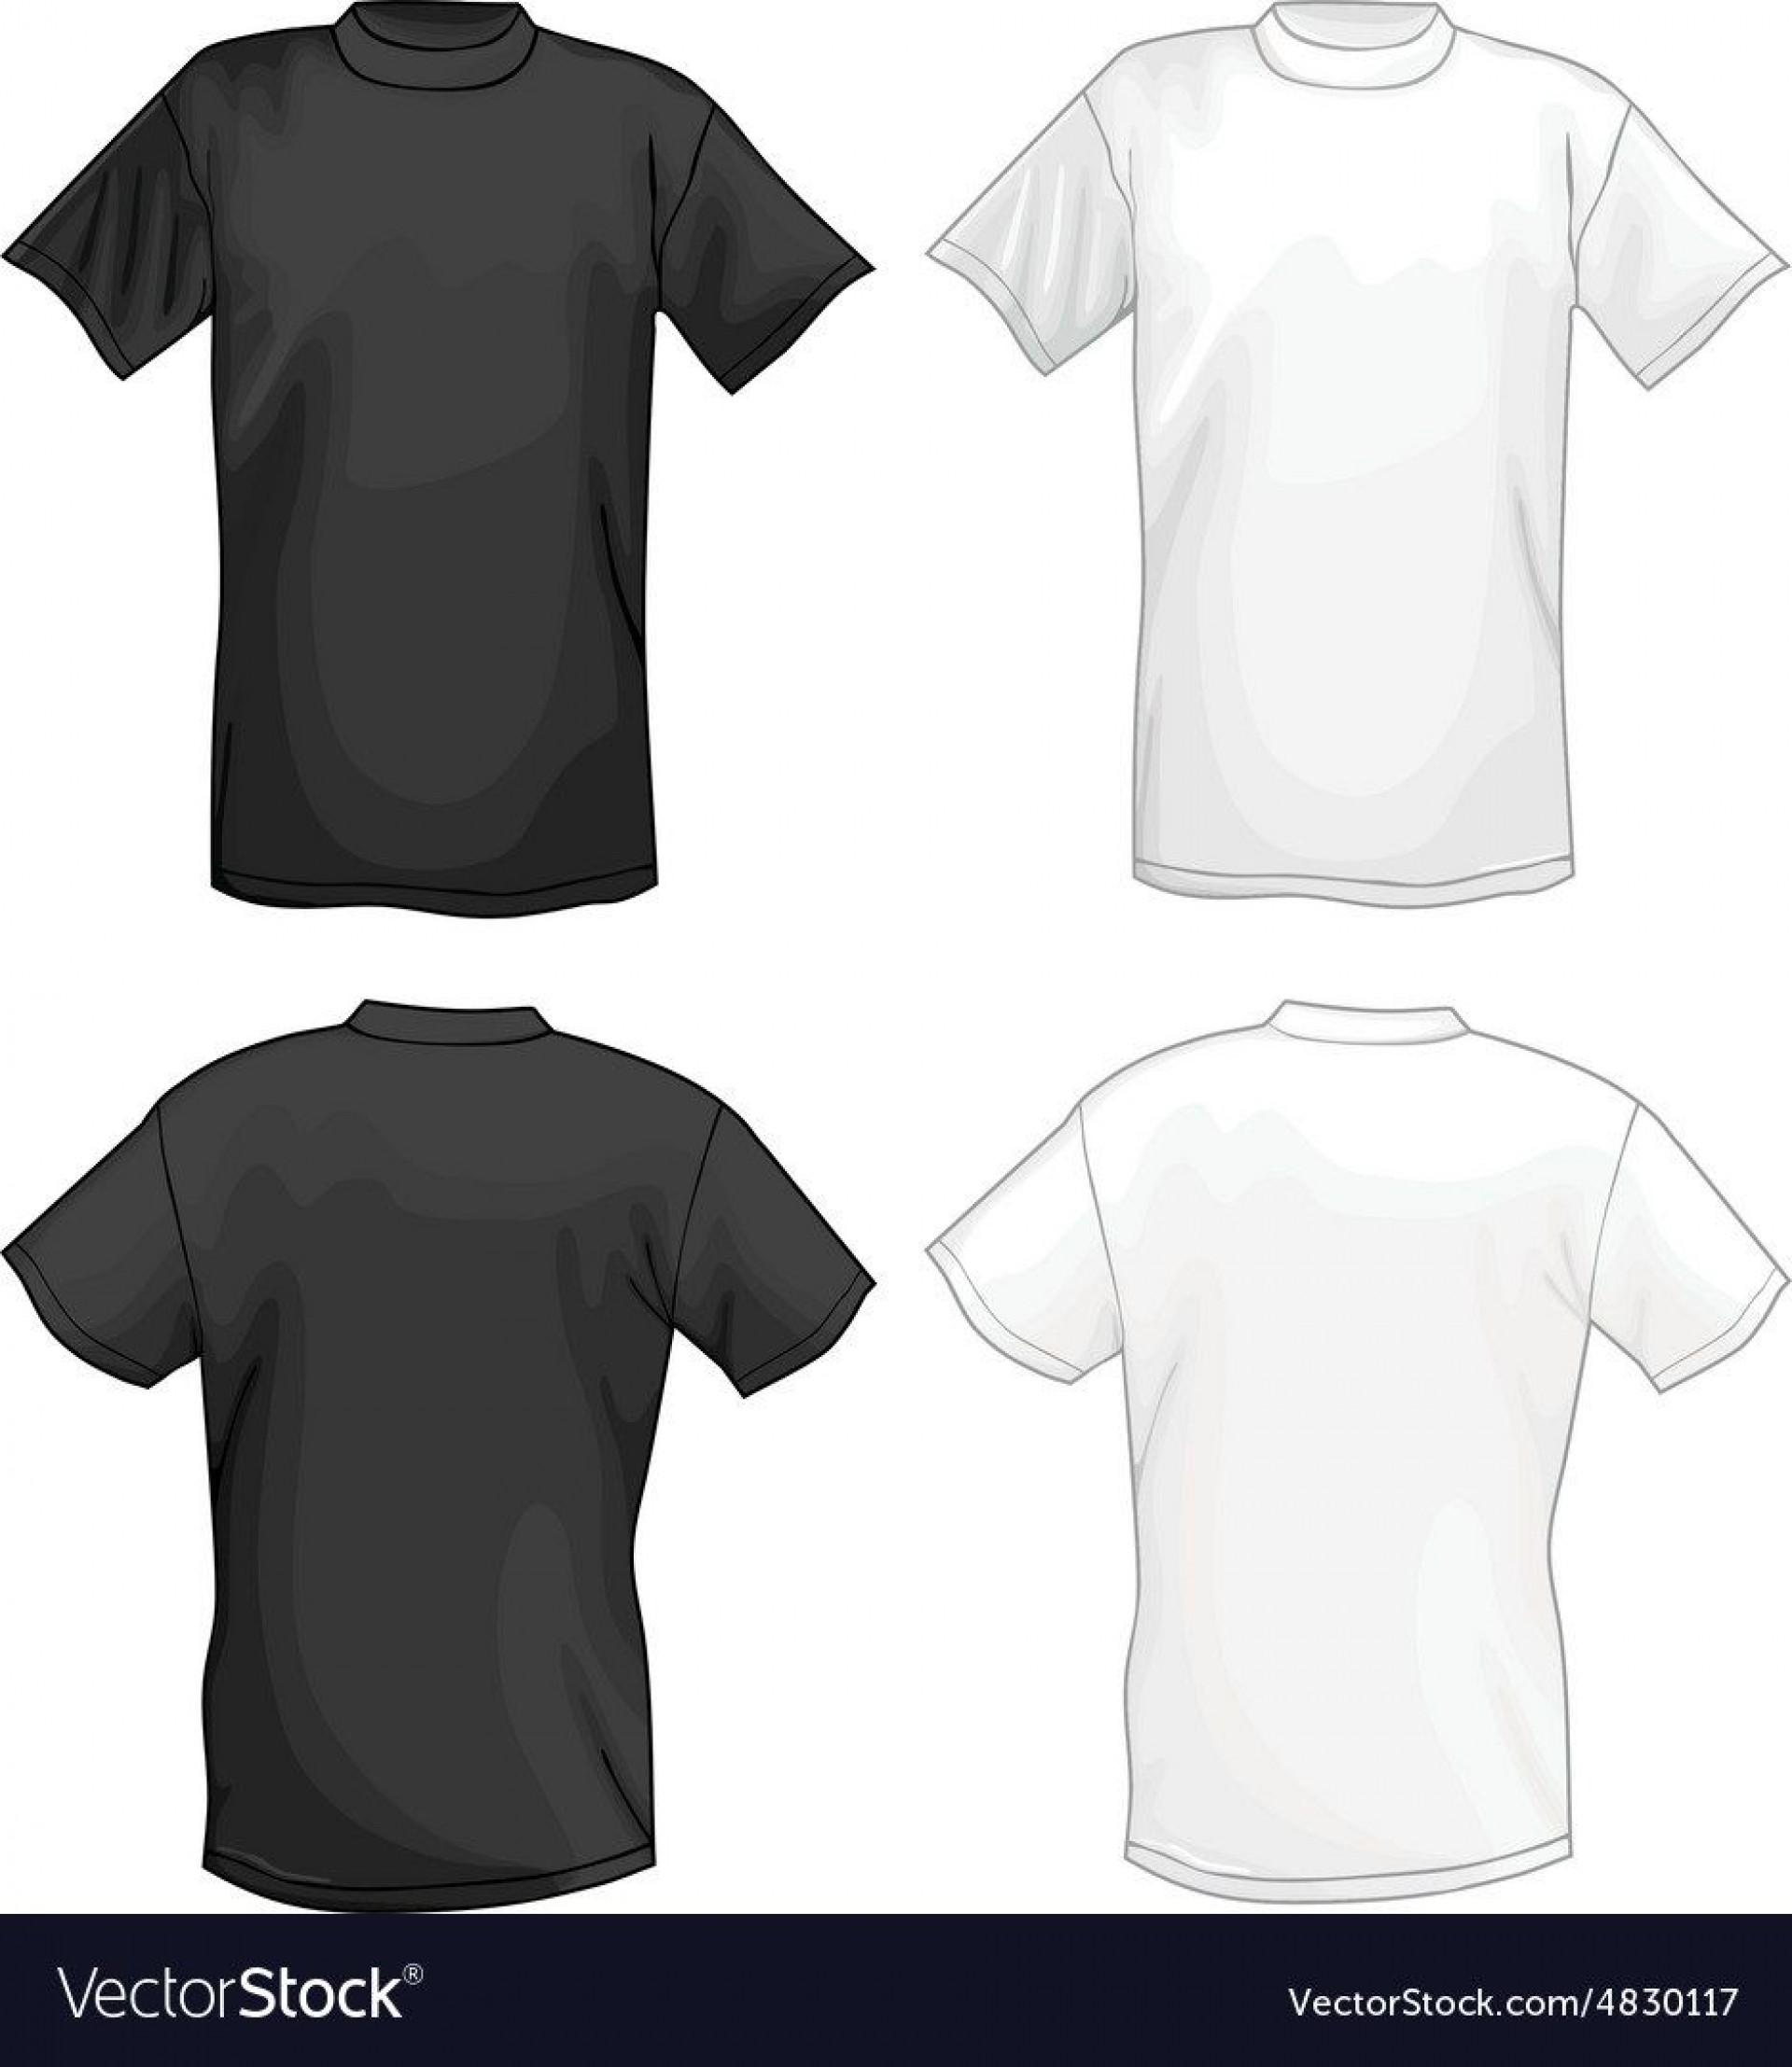 009 Astounding T Shirt Design Template Ai Image  Tee1920